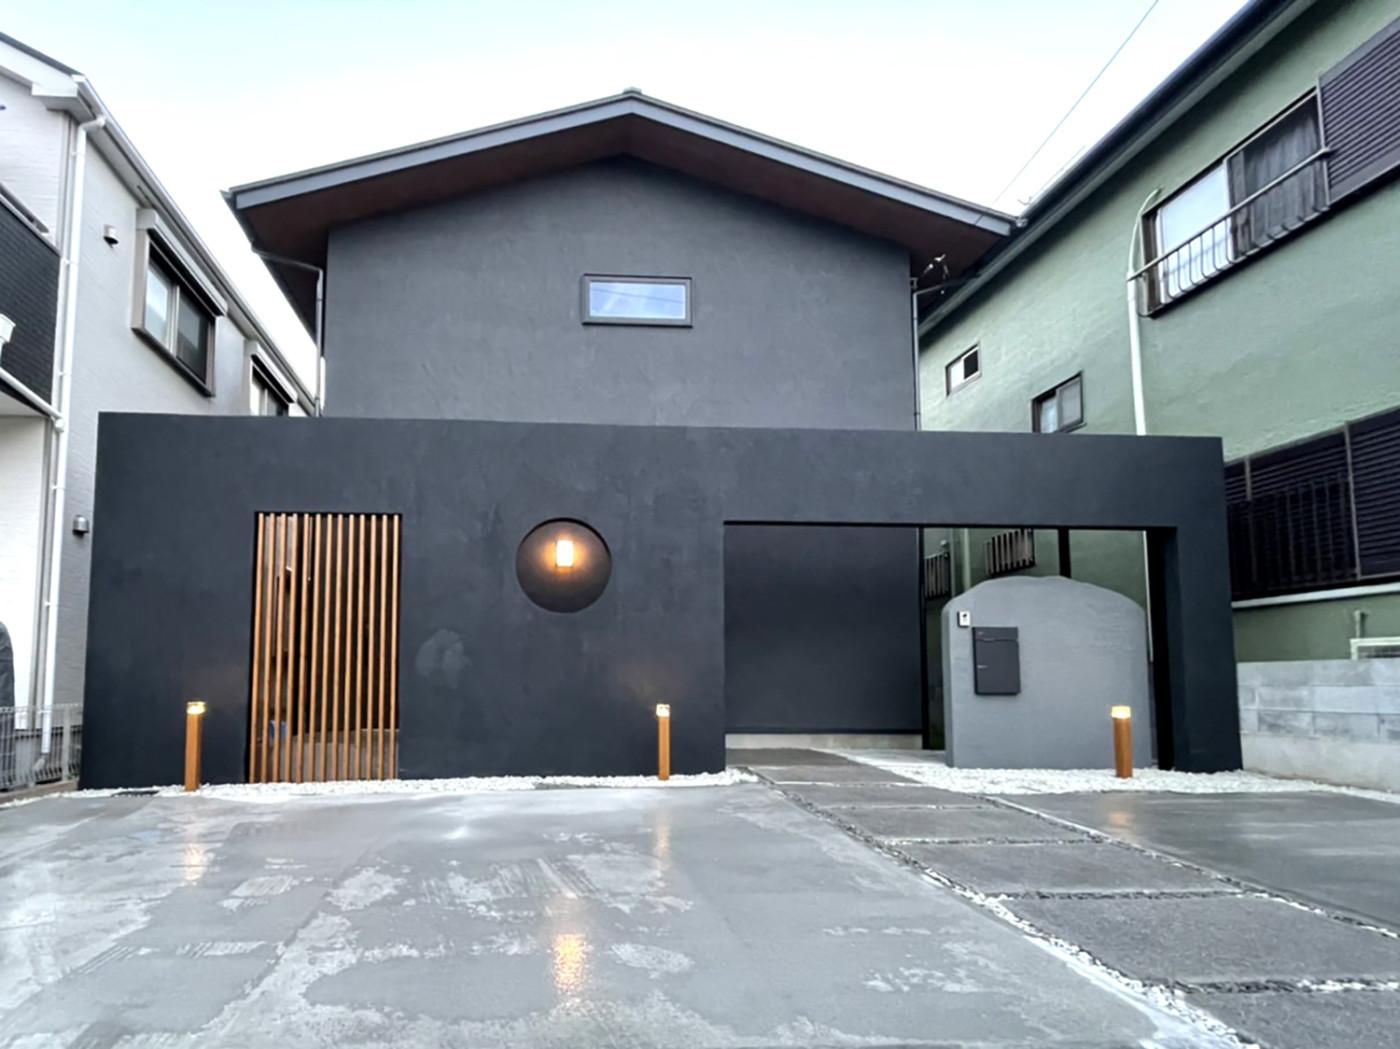 神奈川県 株式会社 琴美建設 グランドアートウォール施工イメージ3647_01